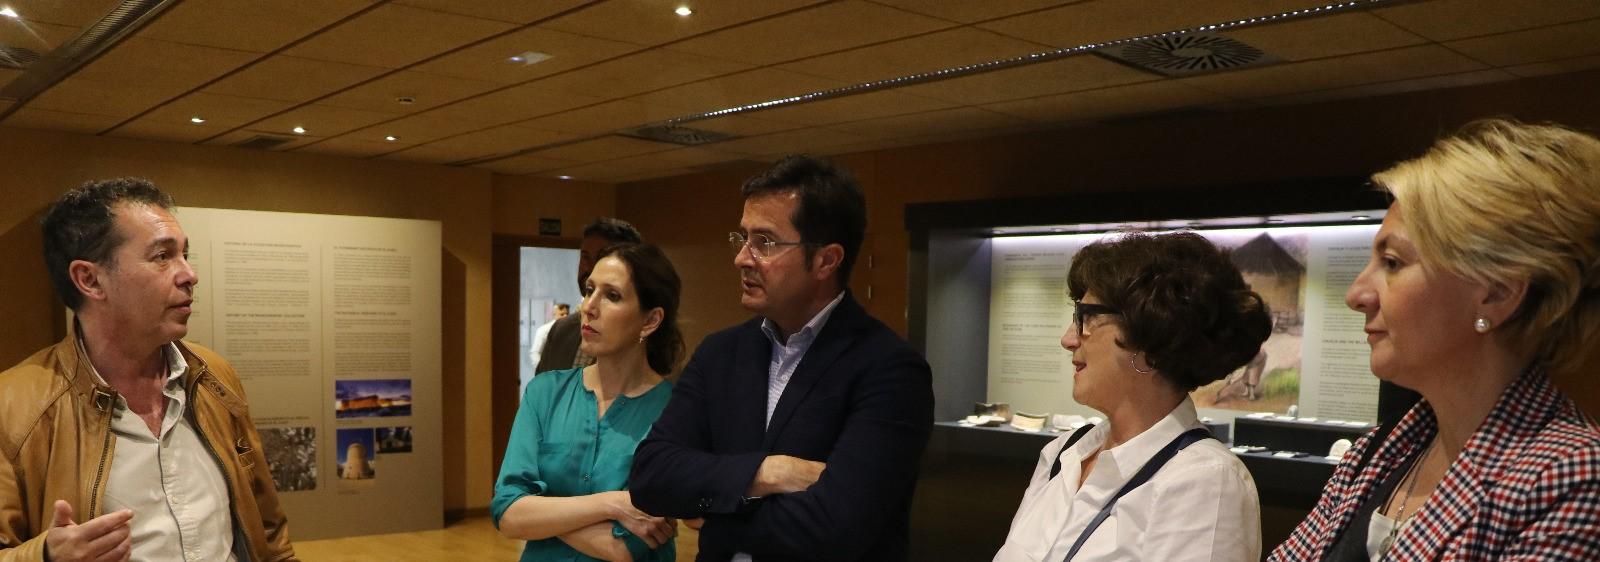 El Ayuntamiento logra la inscripción de la Colección Museográfica de El Ejido en el Registro de Andalucía con el fin de promocionar el patrimonio histórico de la ciudad